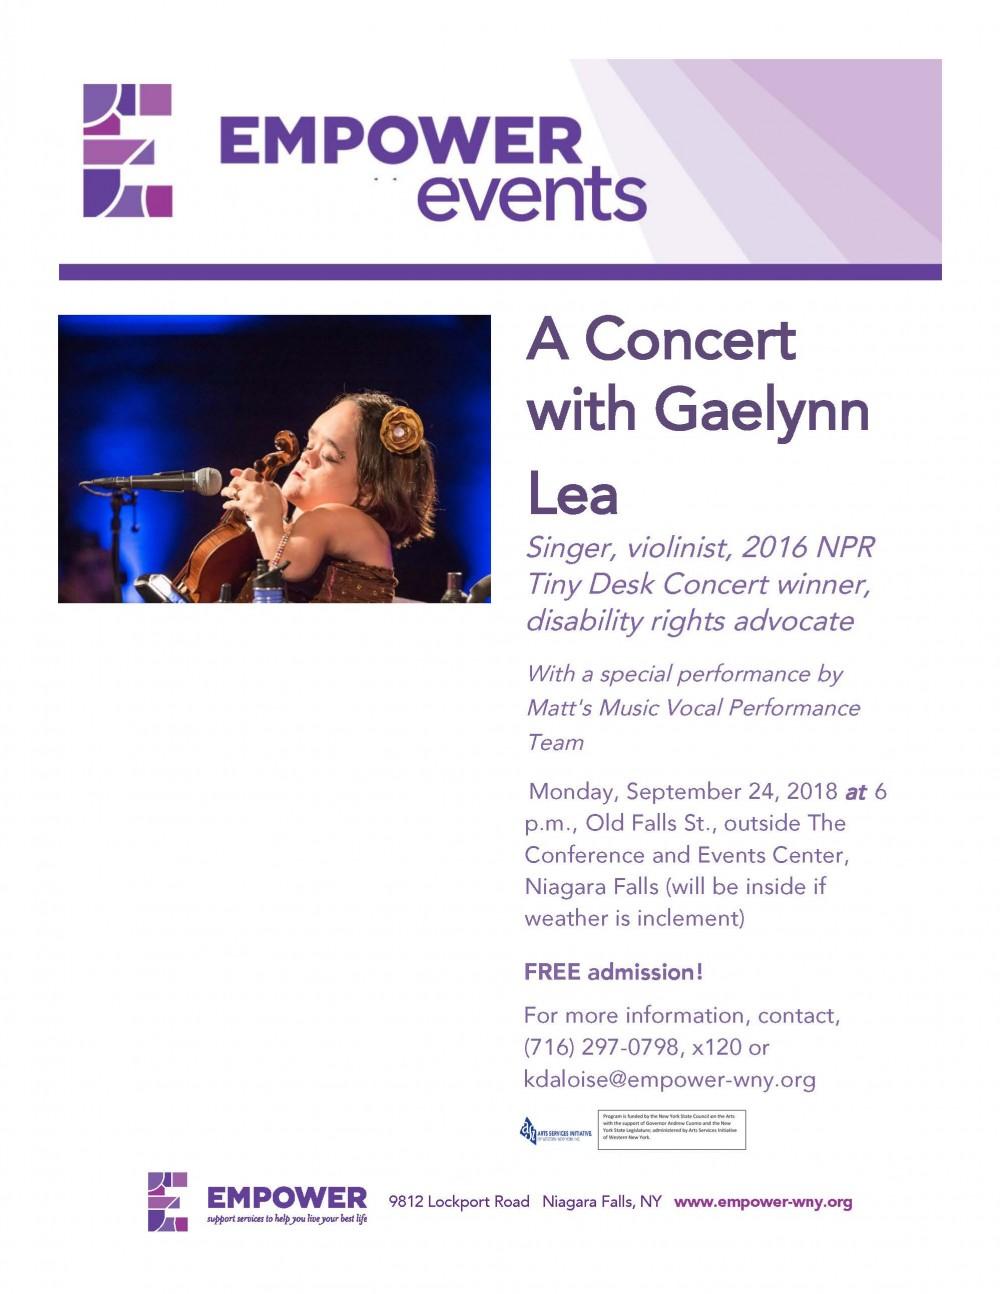 Concert with Gaelynn Lea